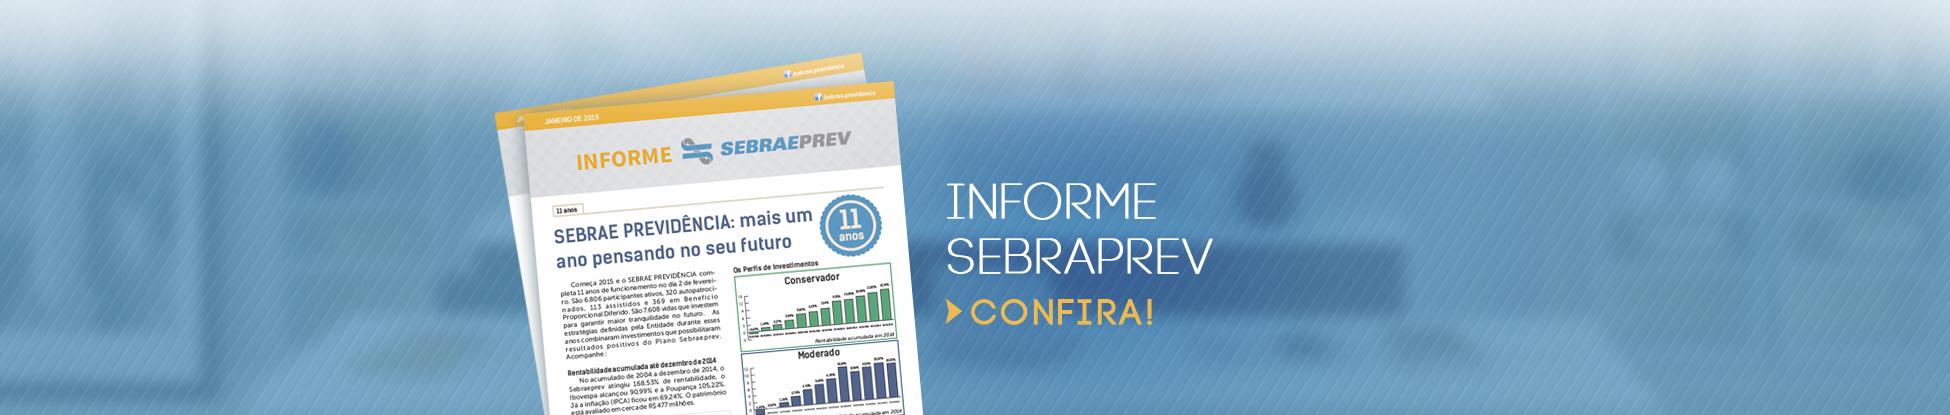 Informe SEBRAEPREV